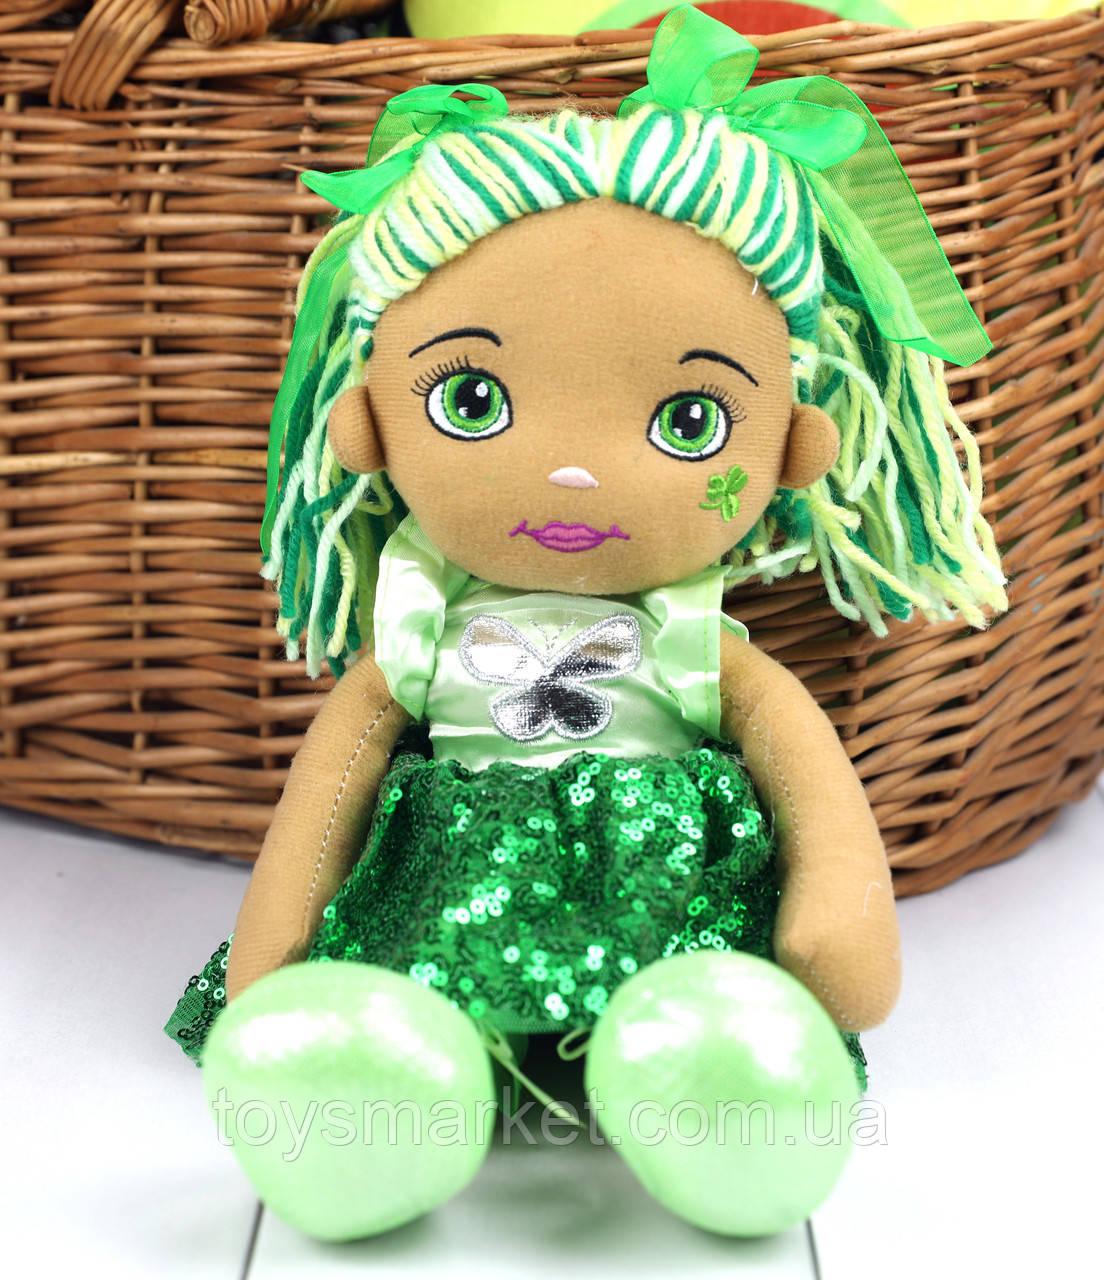 М'яка лялька, плюшева лялька, 35 см